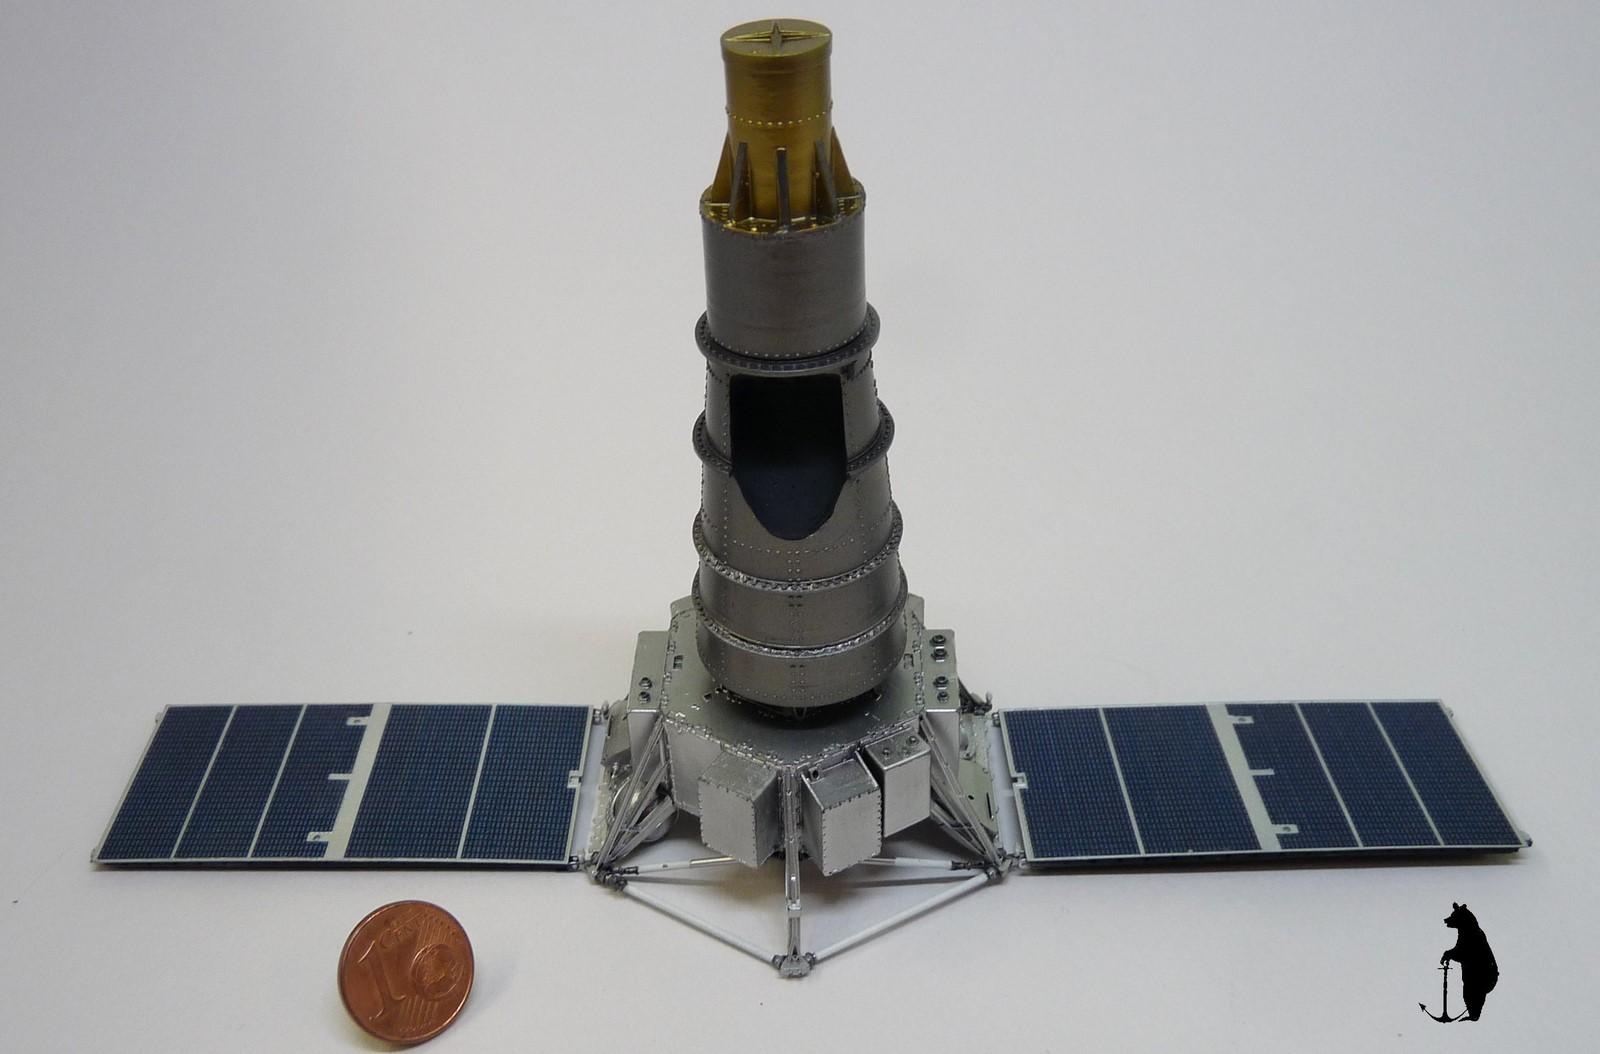 Crash-test planétaire : la sonde lunaire Ranger 8 au 1/24e 17072103235223134915160168